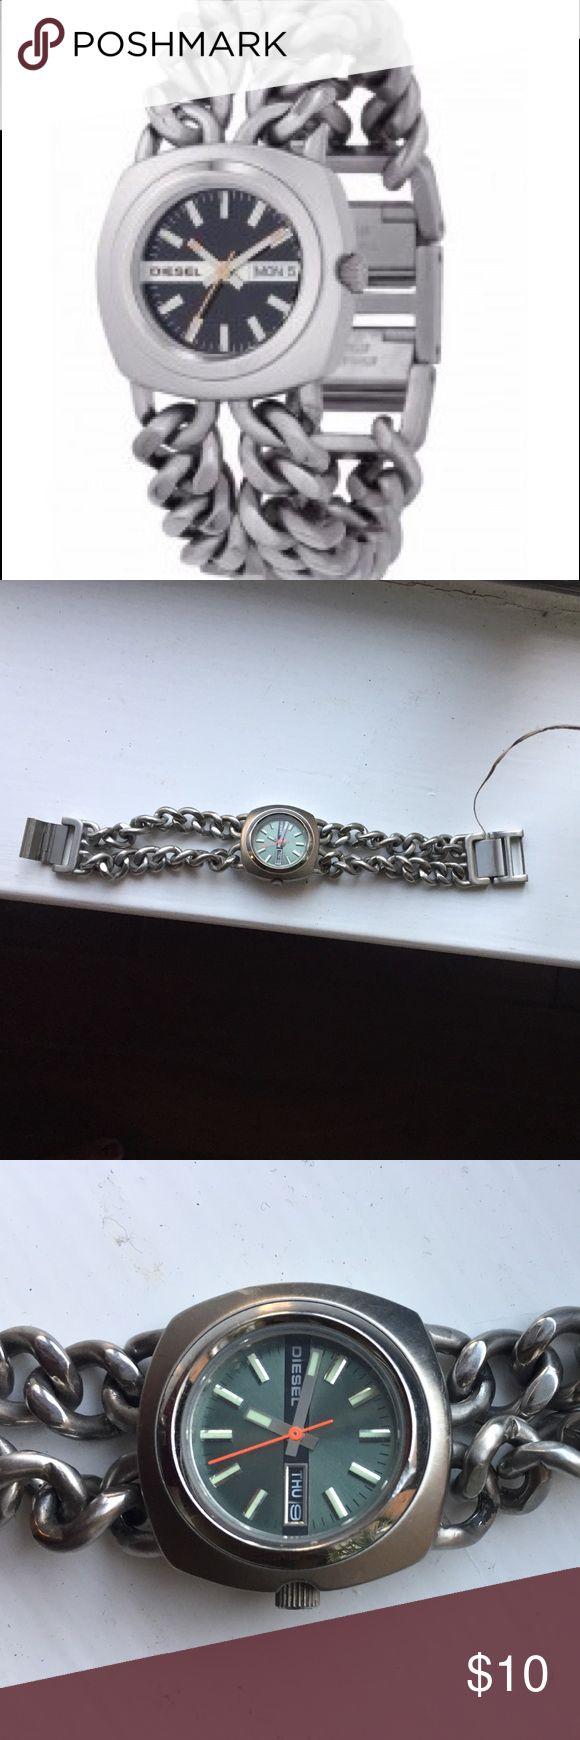 Diesel stainless steel chain link watch Smaller woman's watch. Diesel Accessories Watches